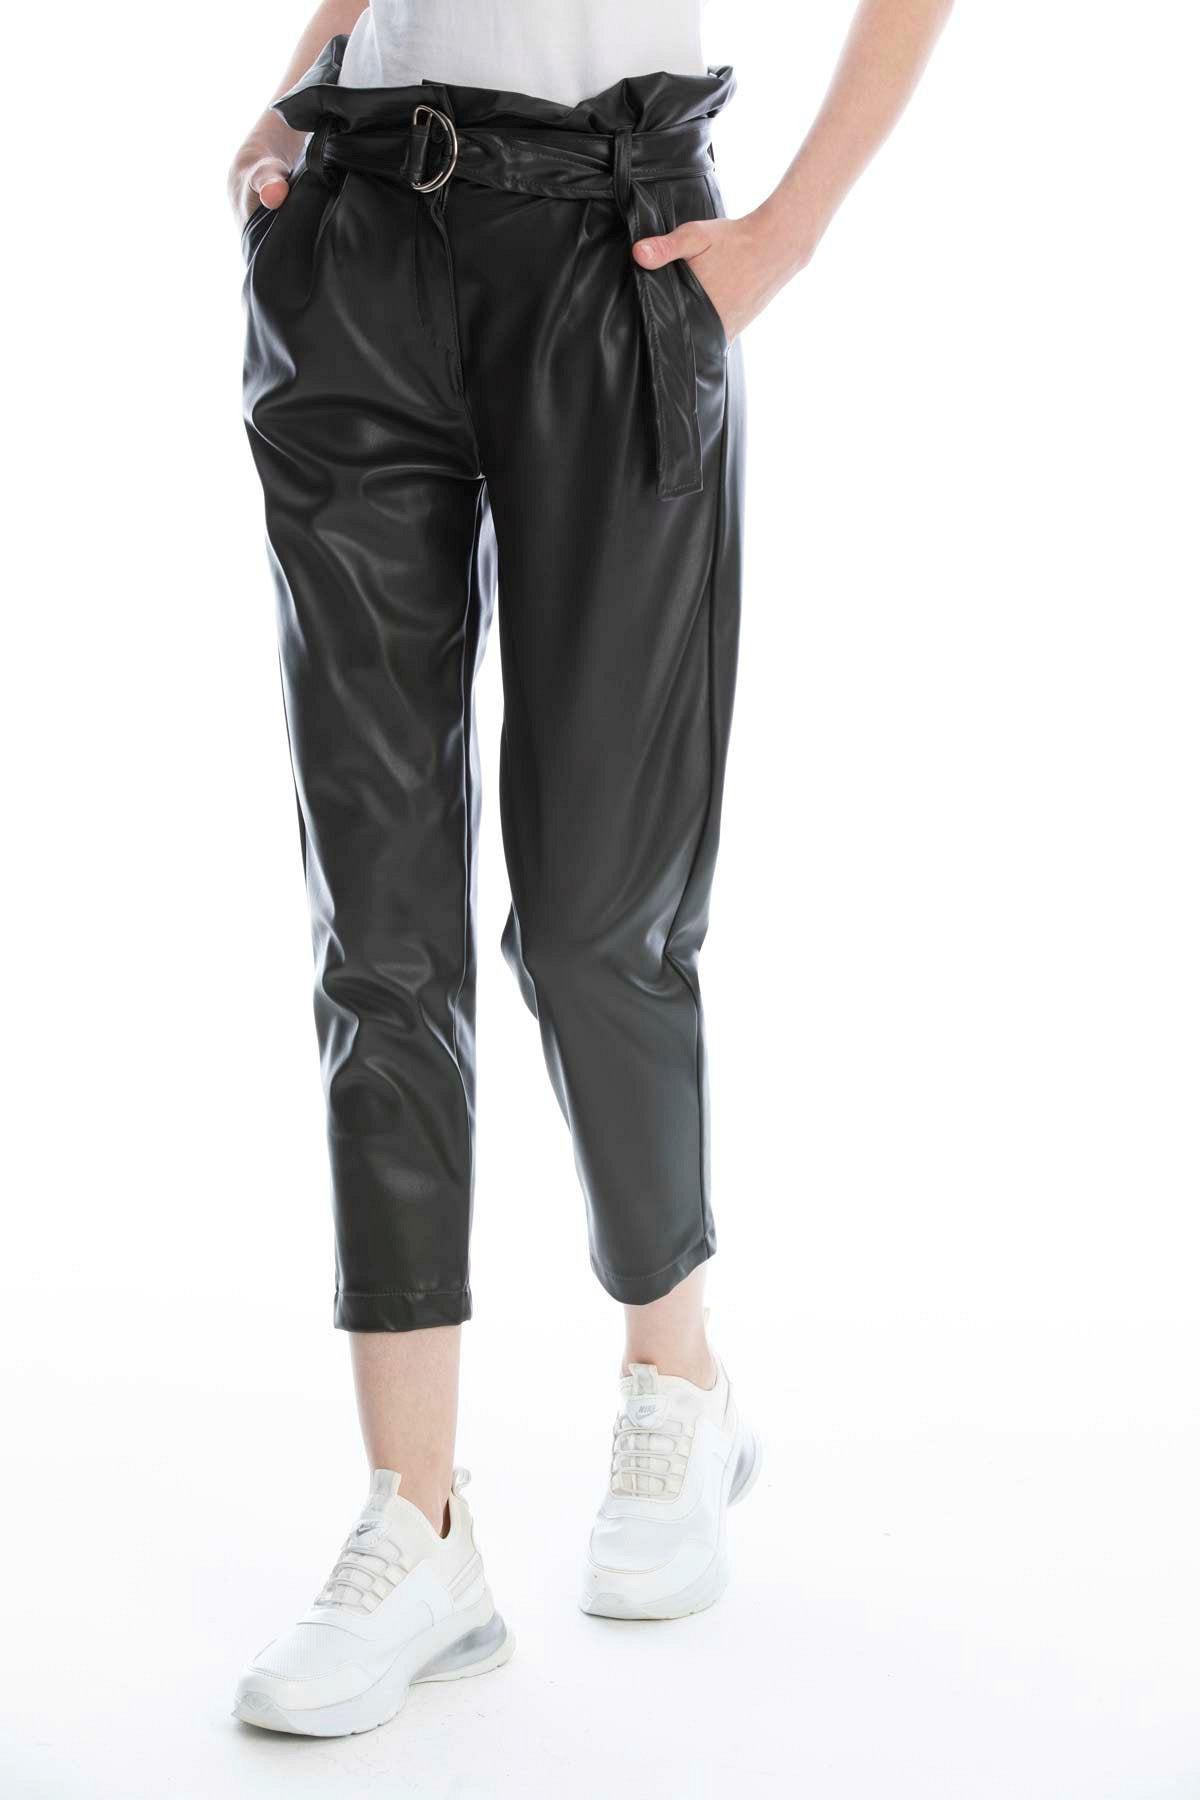 Makferlan Kadın Haki Beli Tokalı Kemerli Fırfırlı Yanlar Çift Cepli Suni Deri Pantolon 2